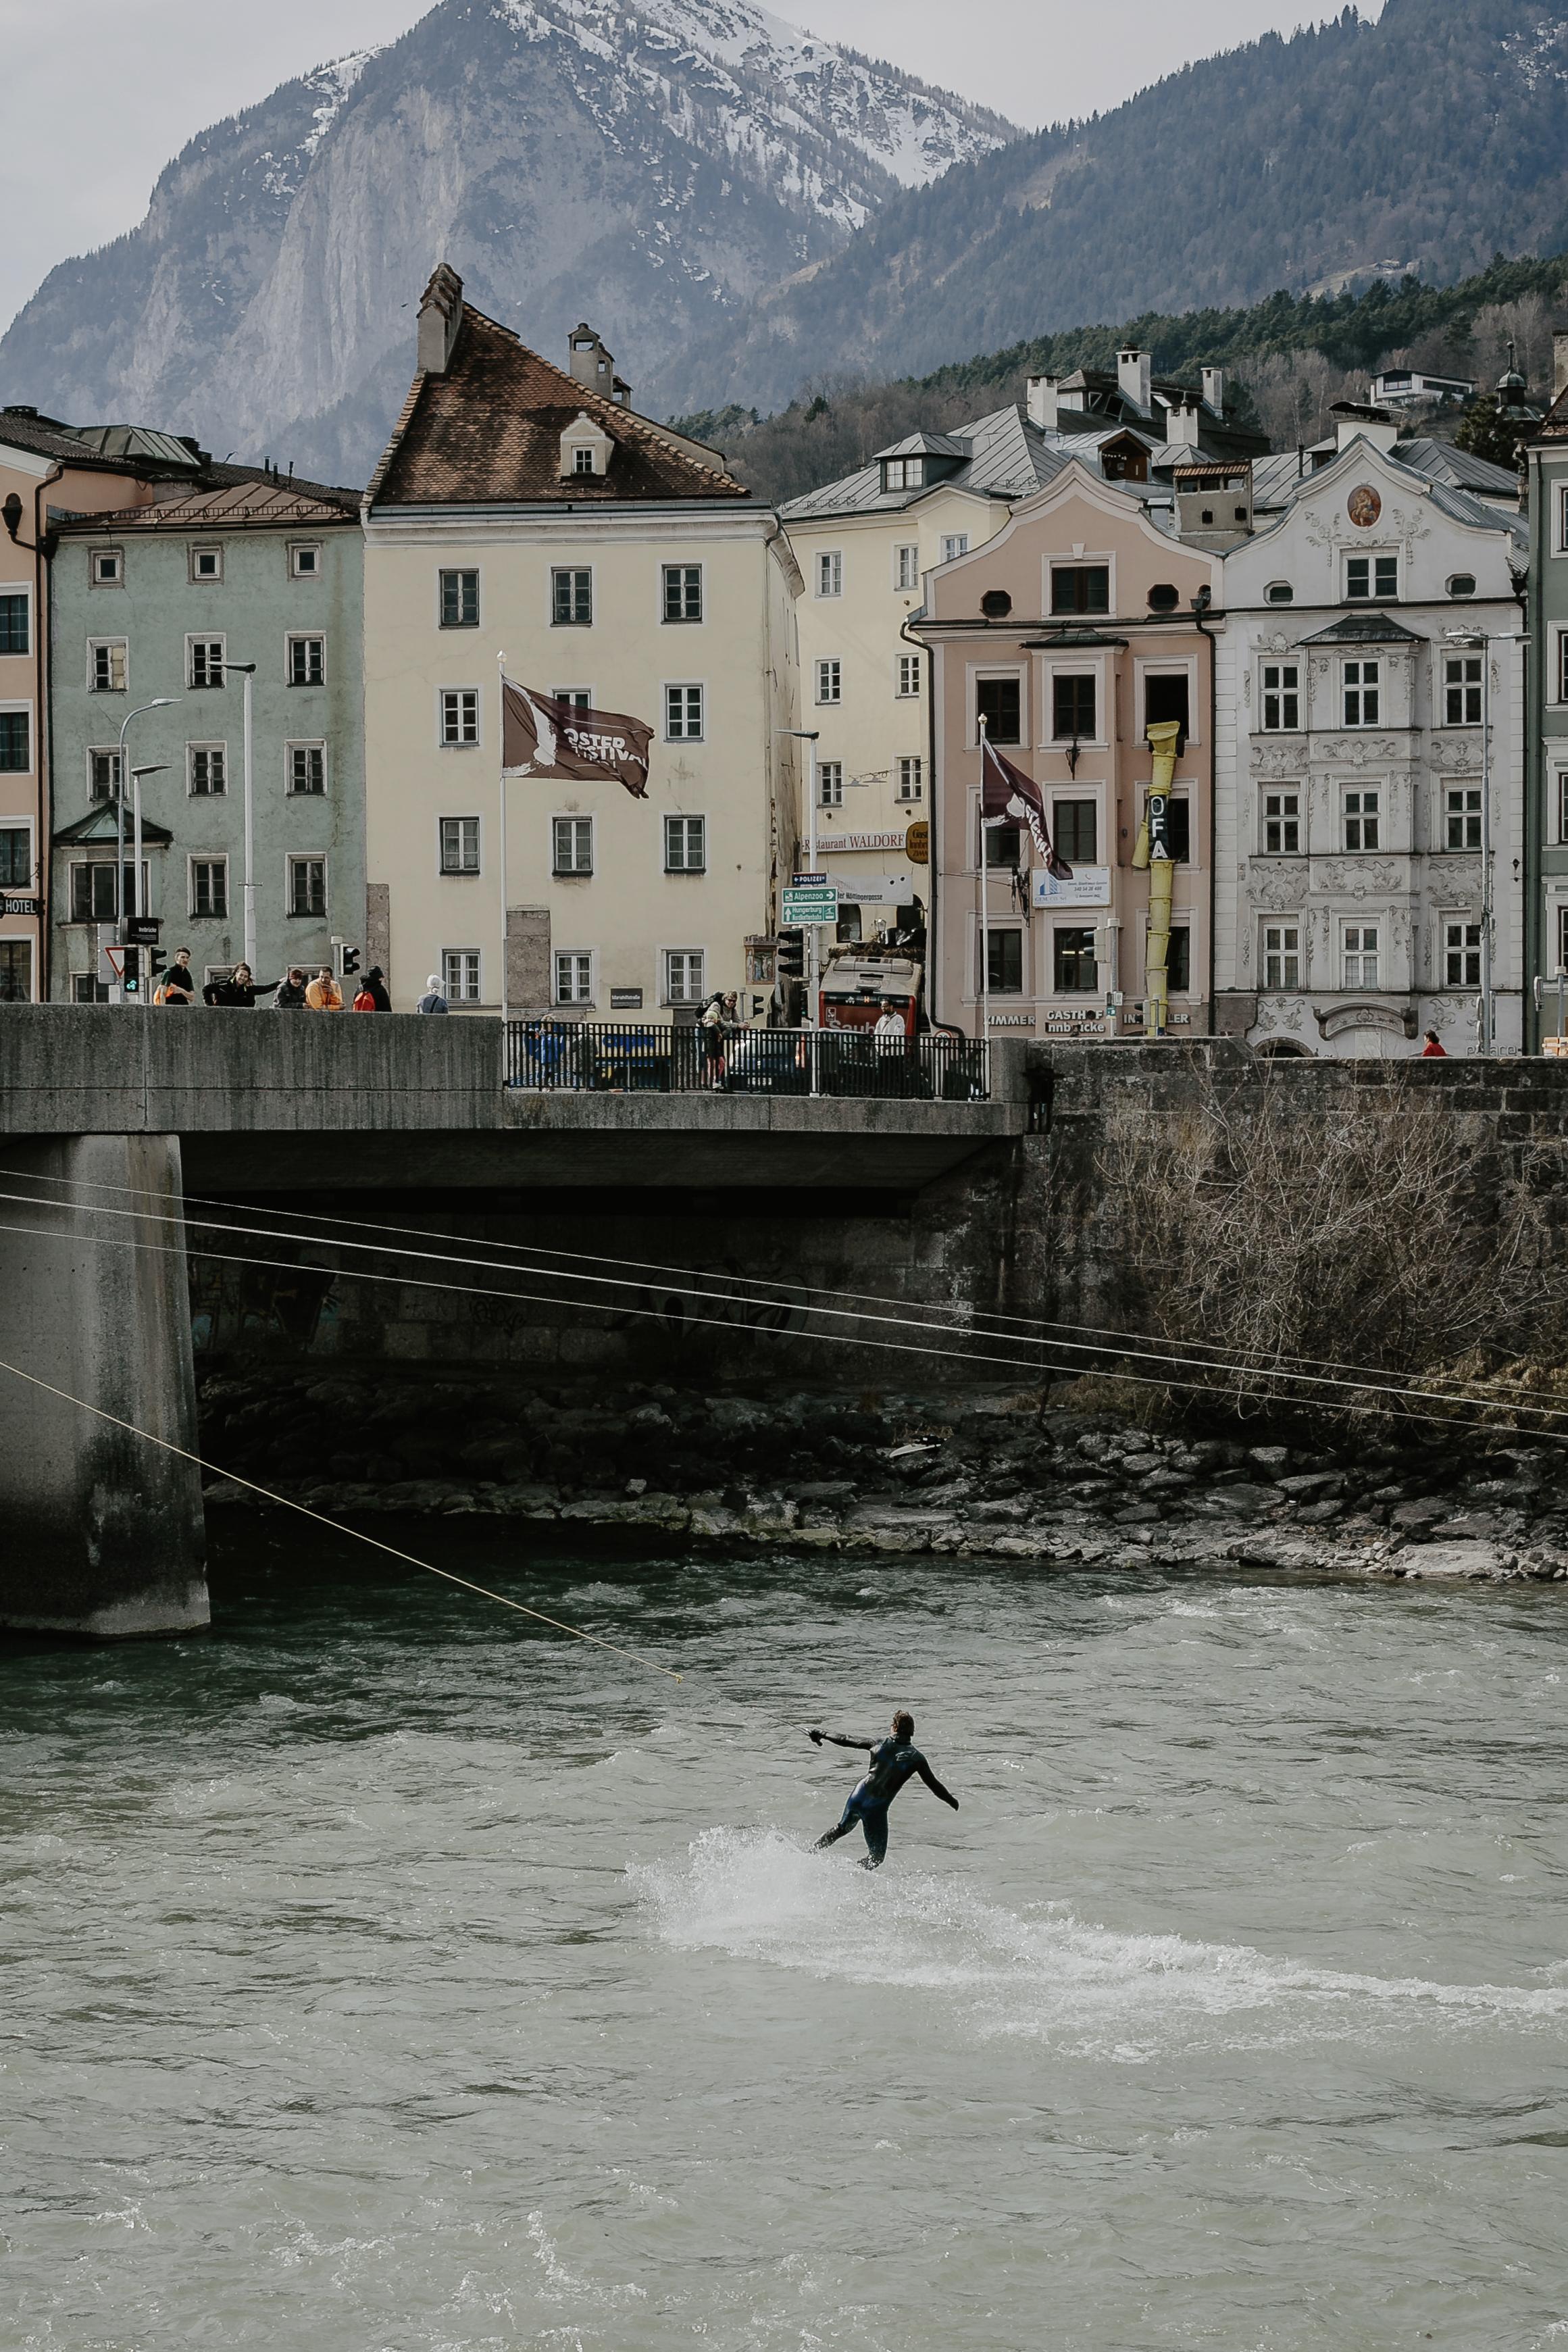 Only in Innsbruck: 7 Dinge, die man so nur in Innsbruck erleben kann